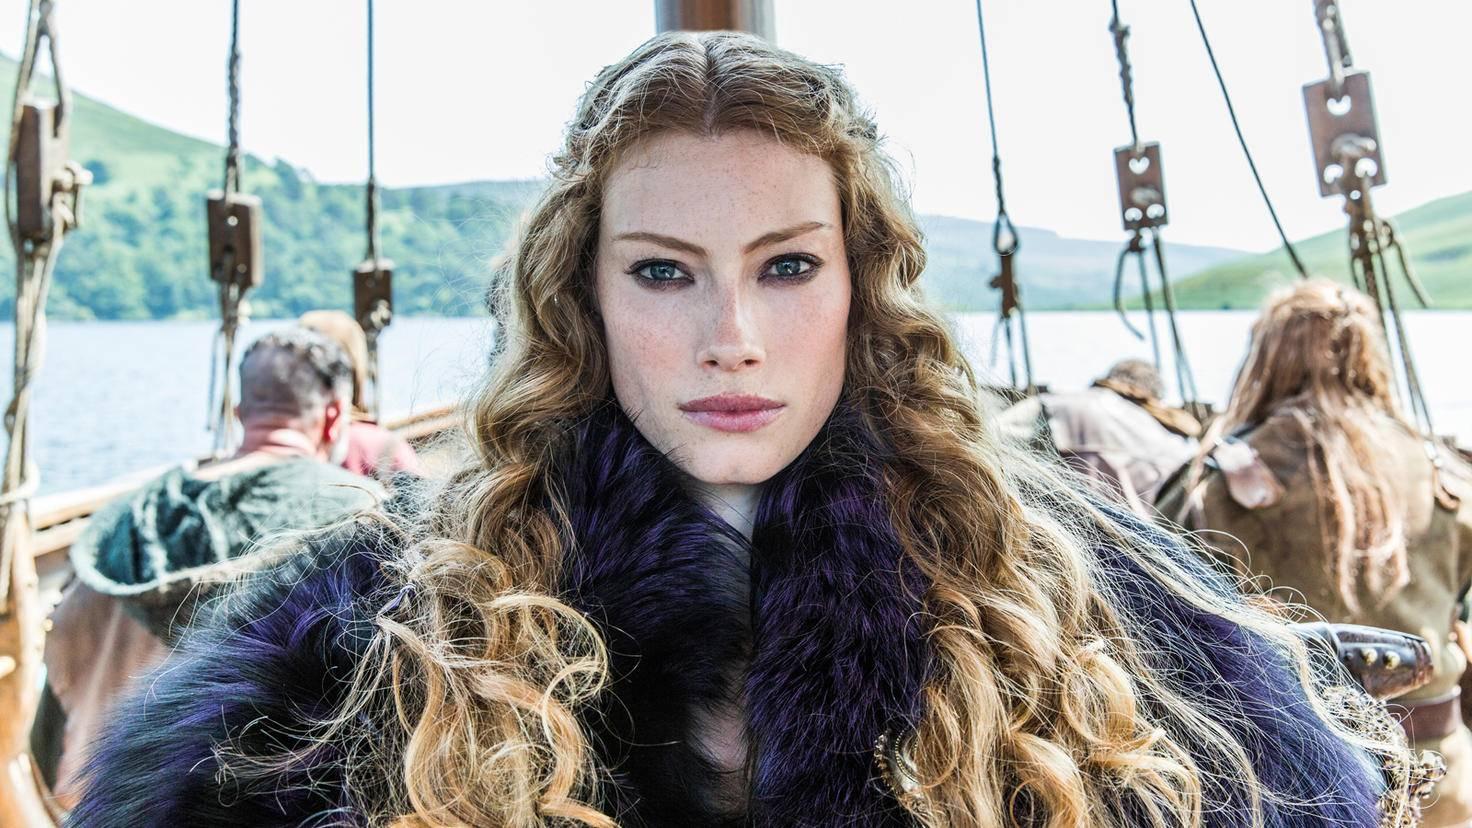 Aslaug Staffel 2 Vikings